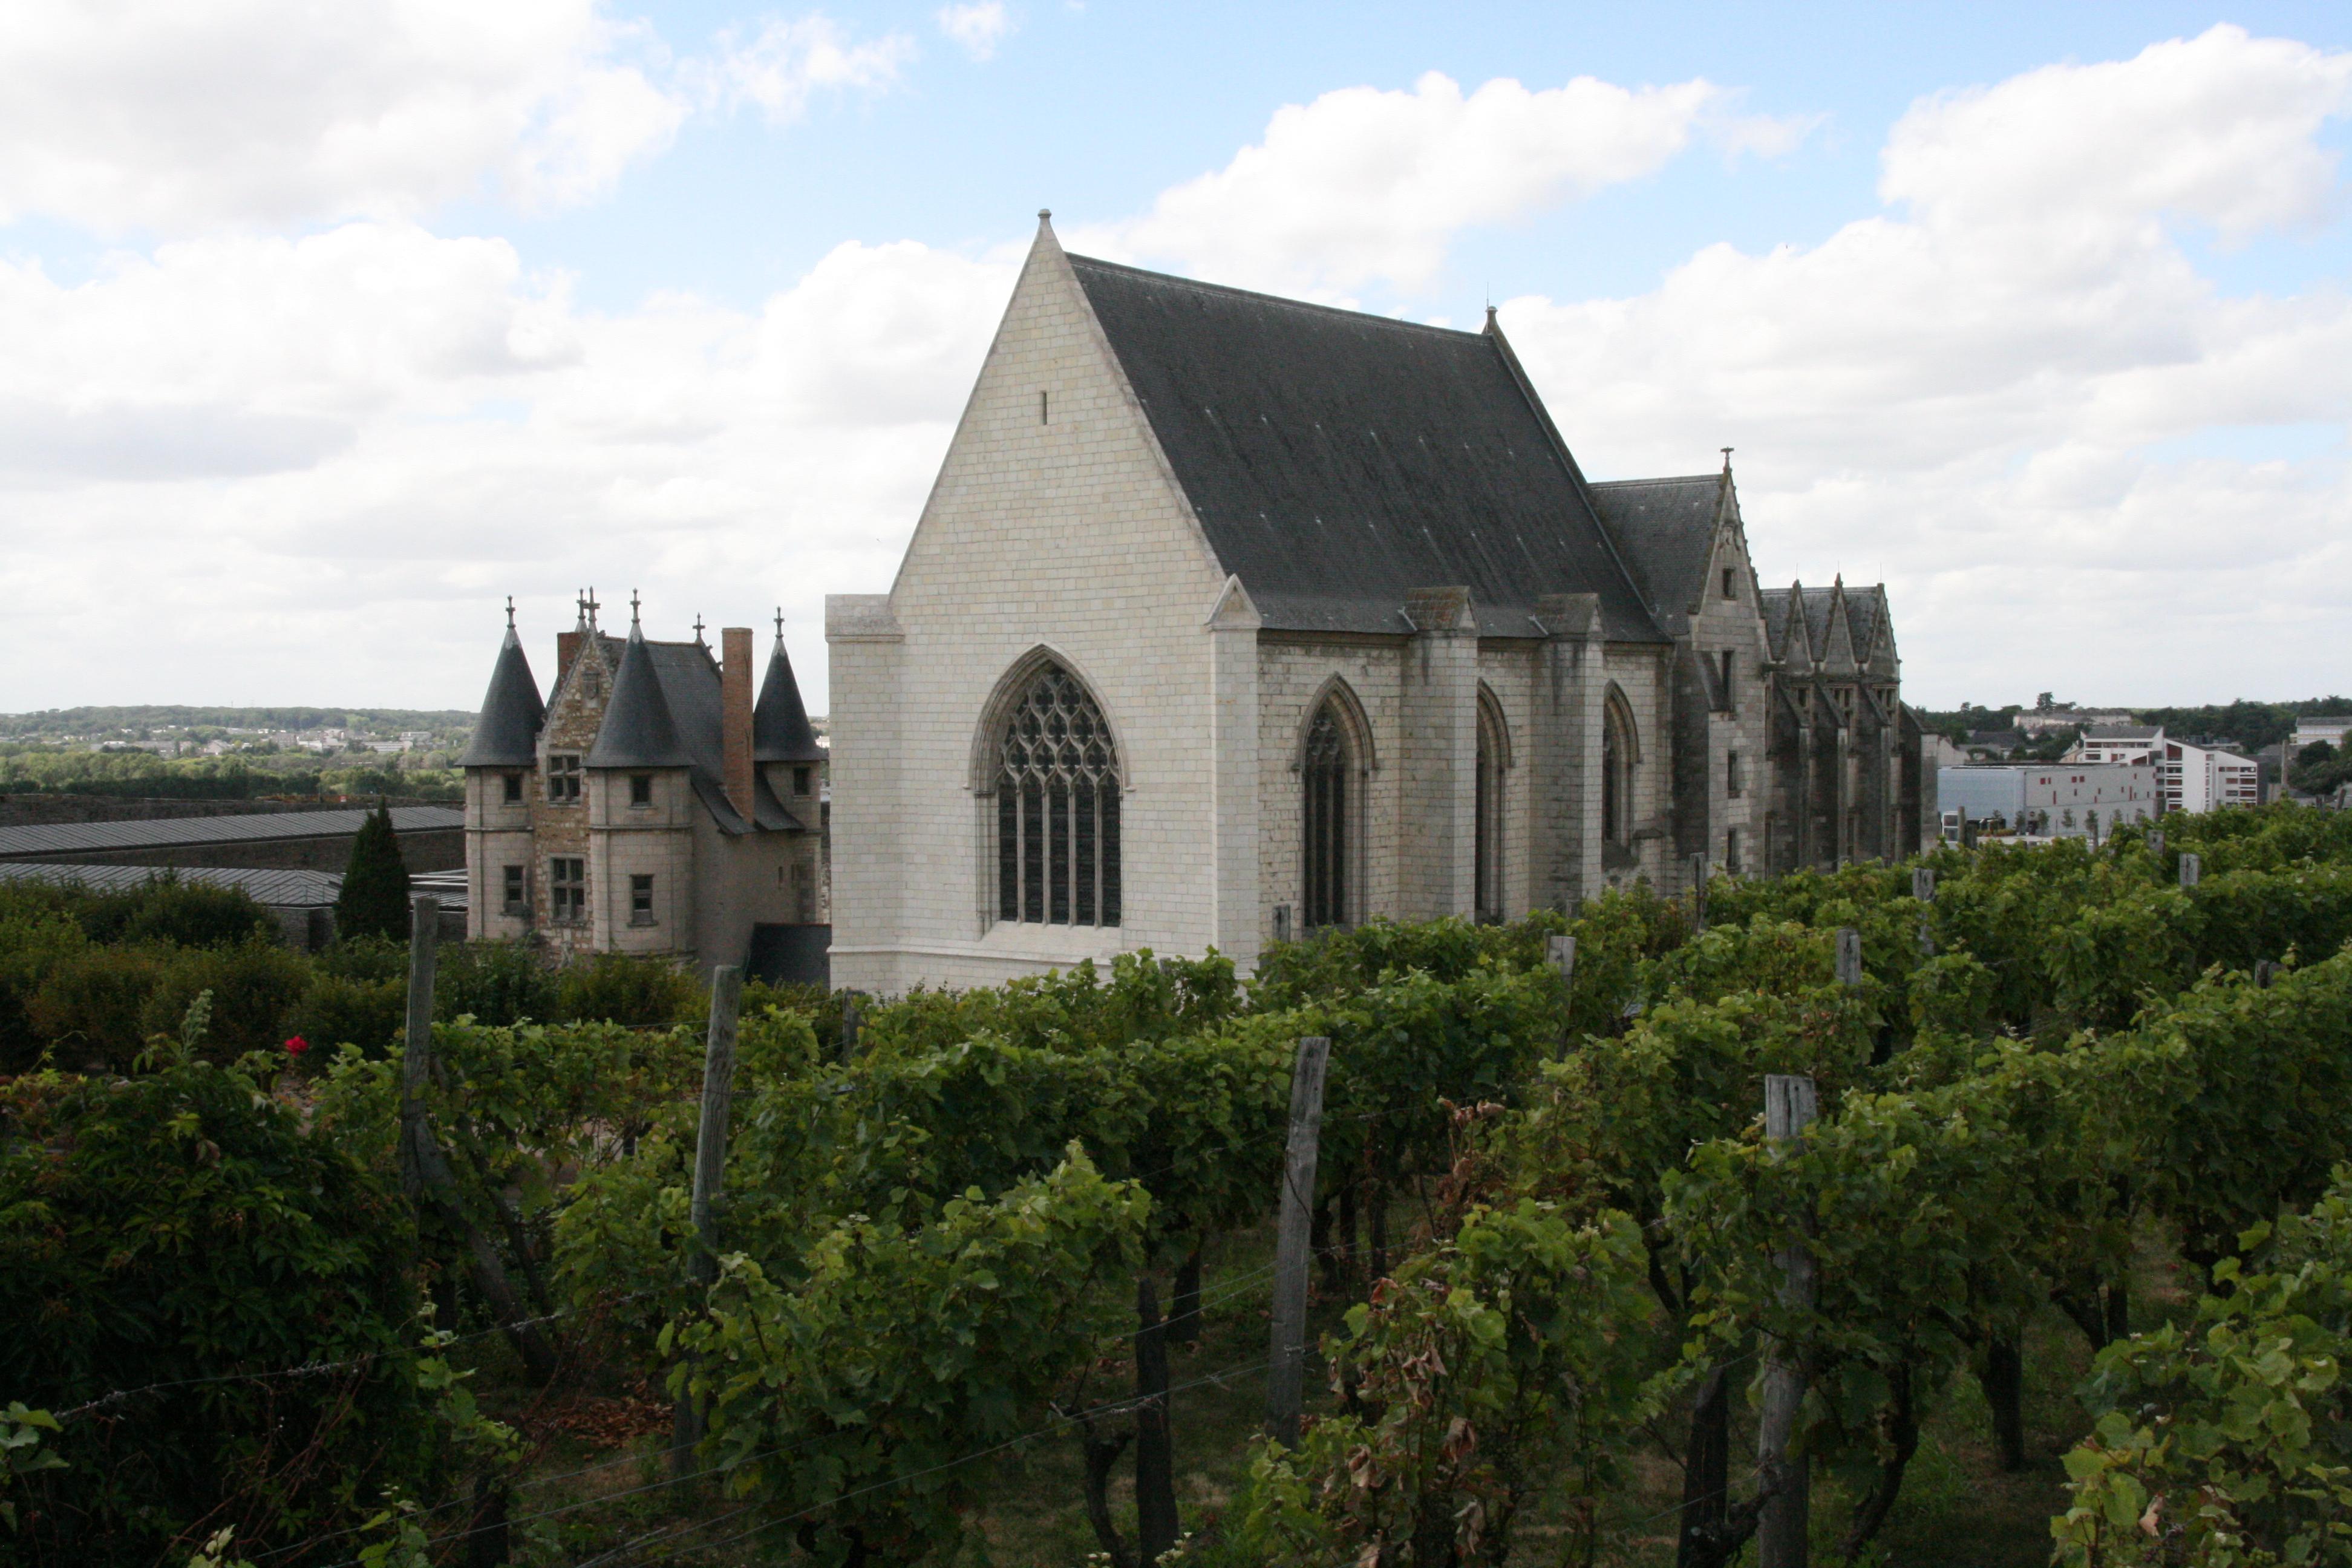 Анжер Angers_-_Ch%C3%A2teau_-_La_chapelle%2C_le_ch%C3%A2telet_et_les_vignes_-_20080921